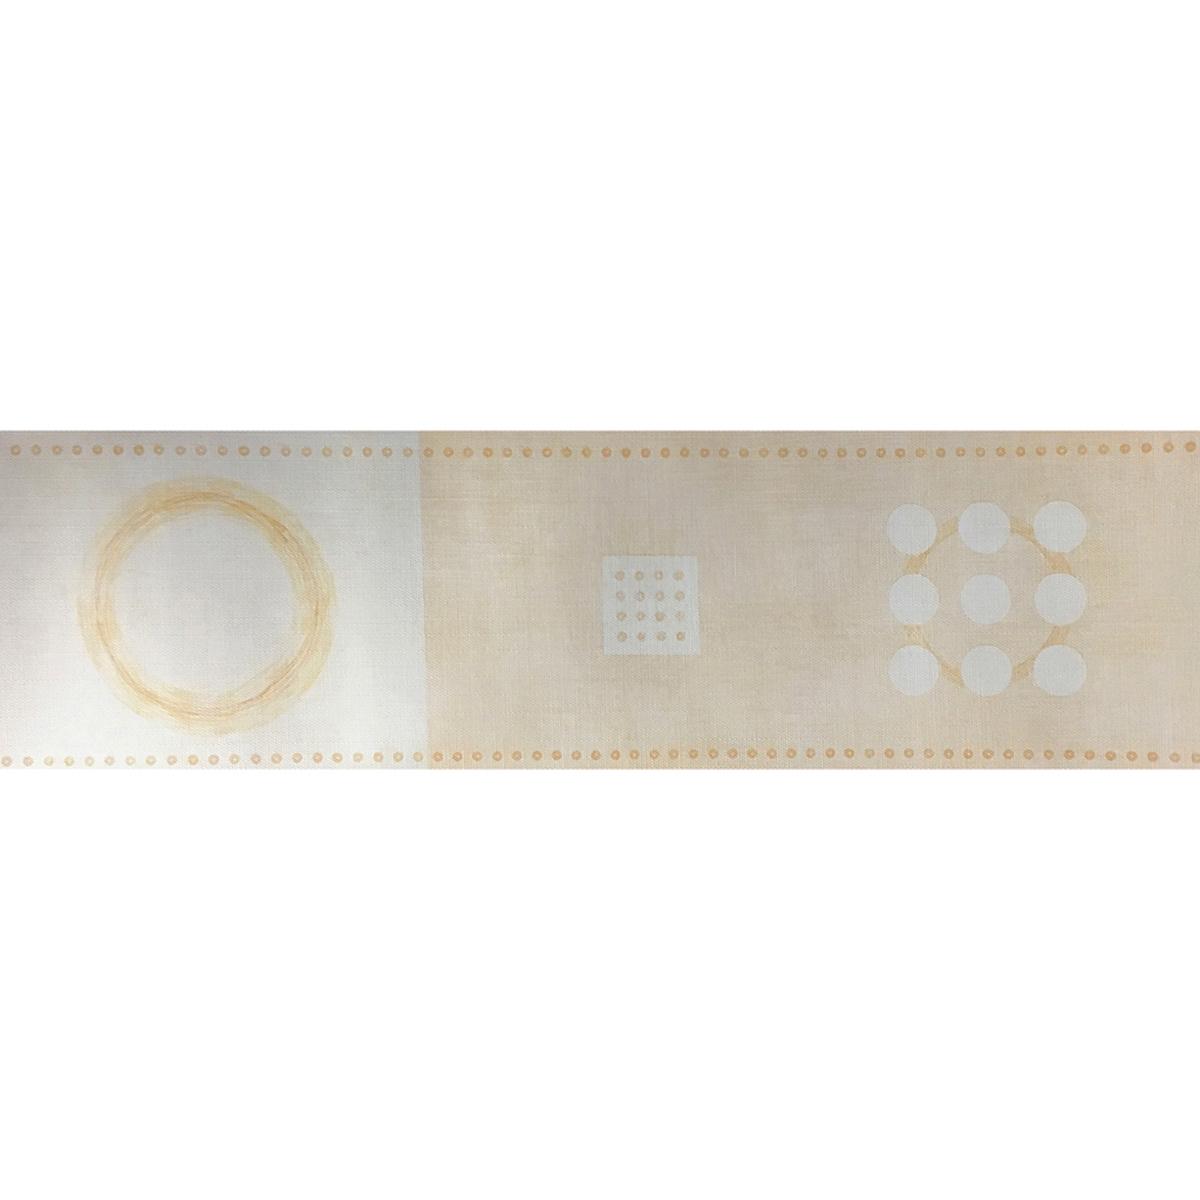 Тапет IC 5897-40 фриз